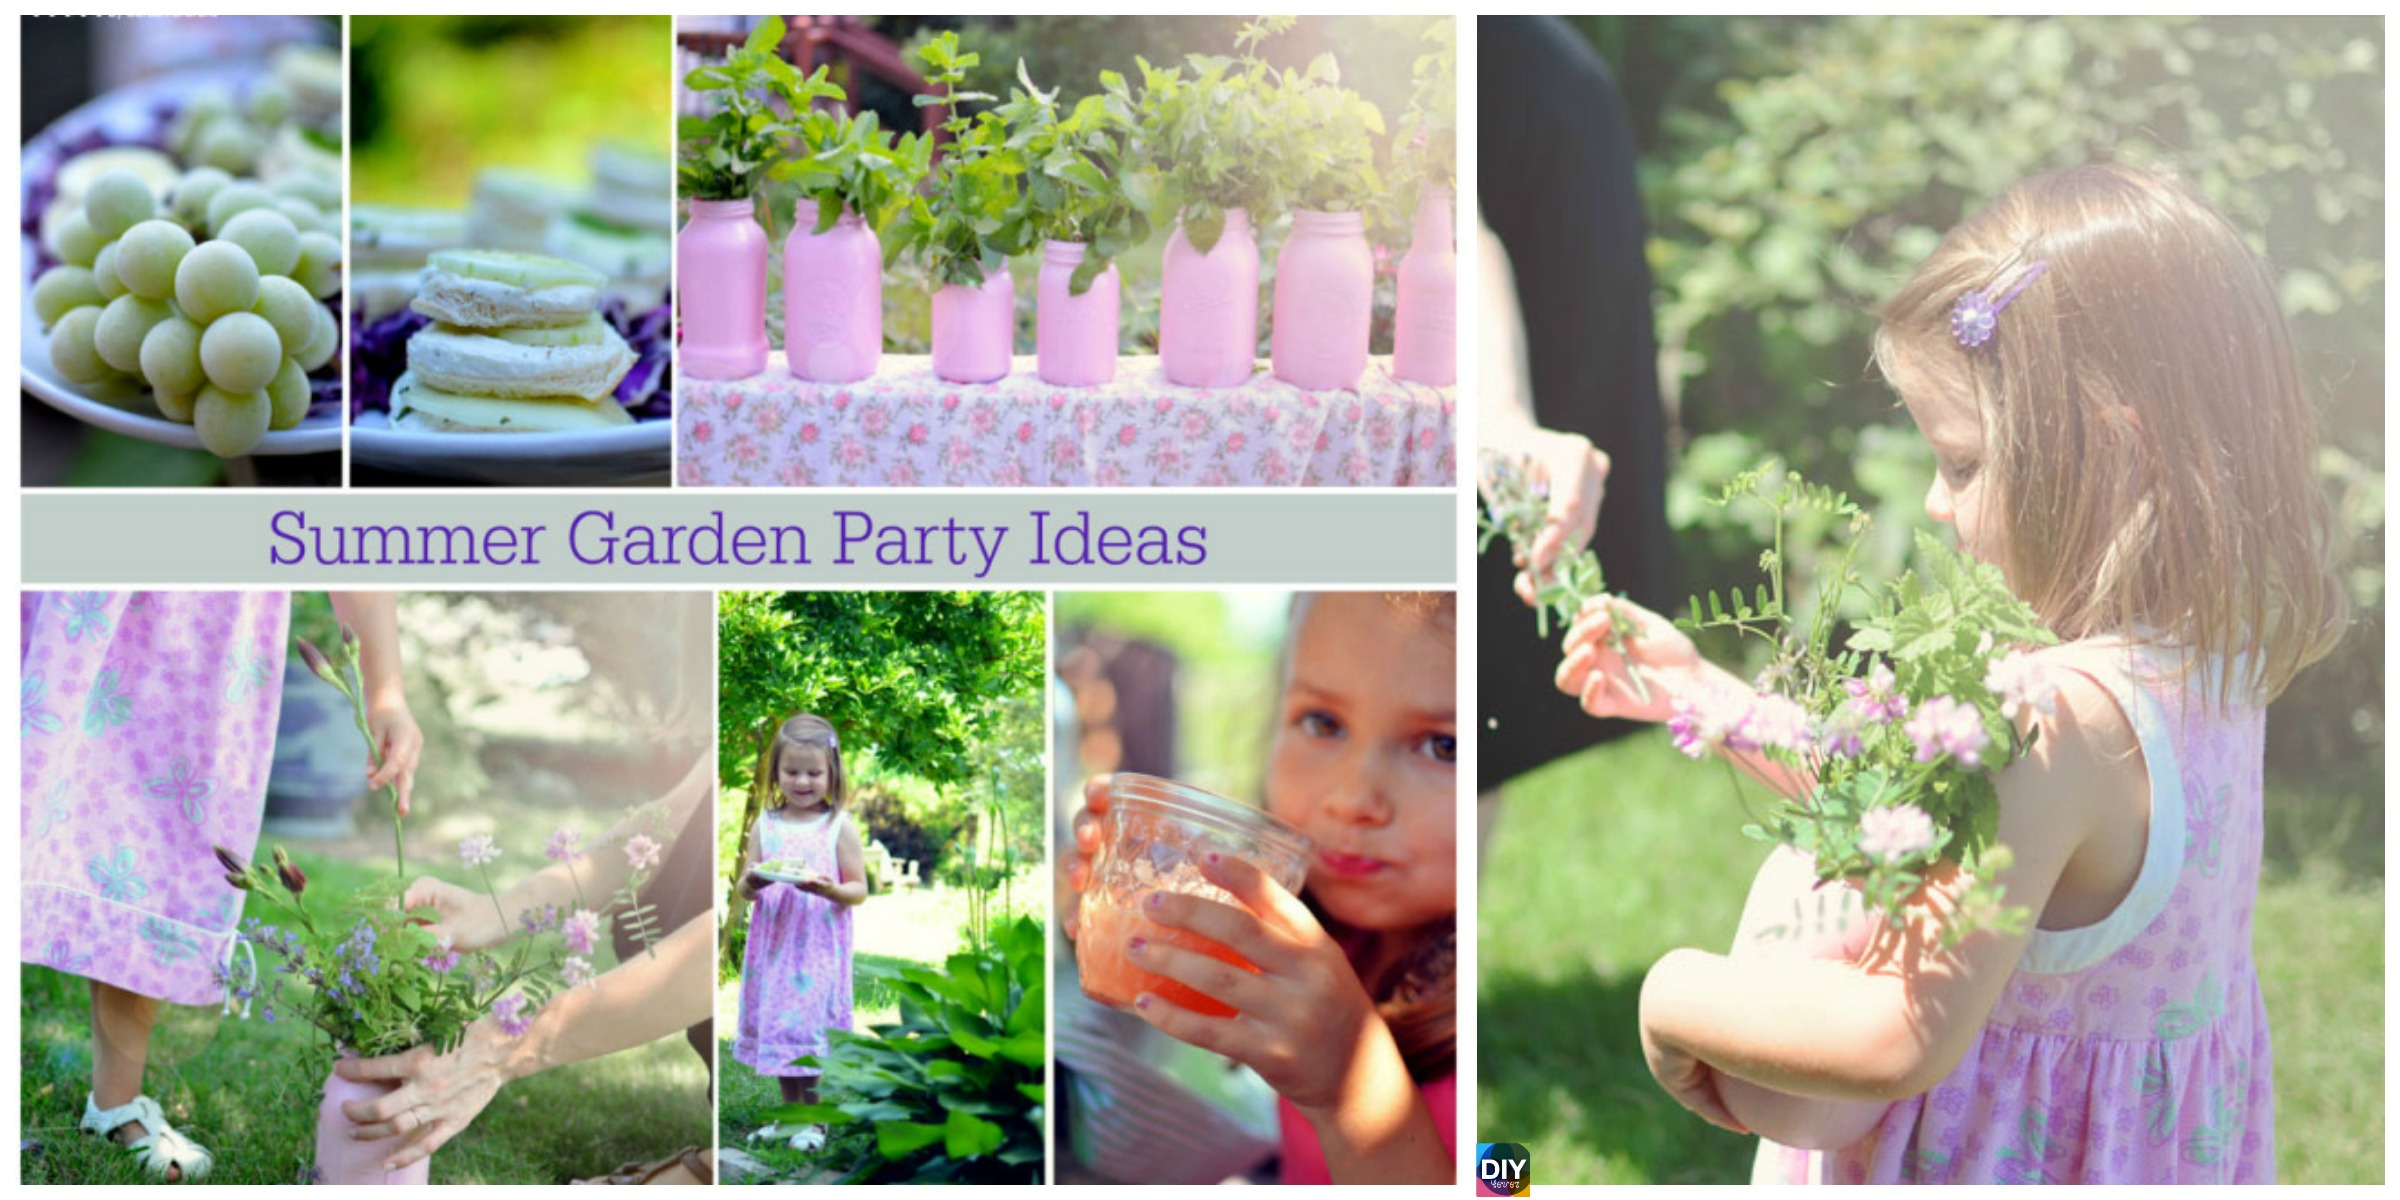 DIY Girls\' Summer Garden Party Ideas - DIY 4 EVER